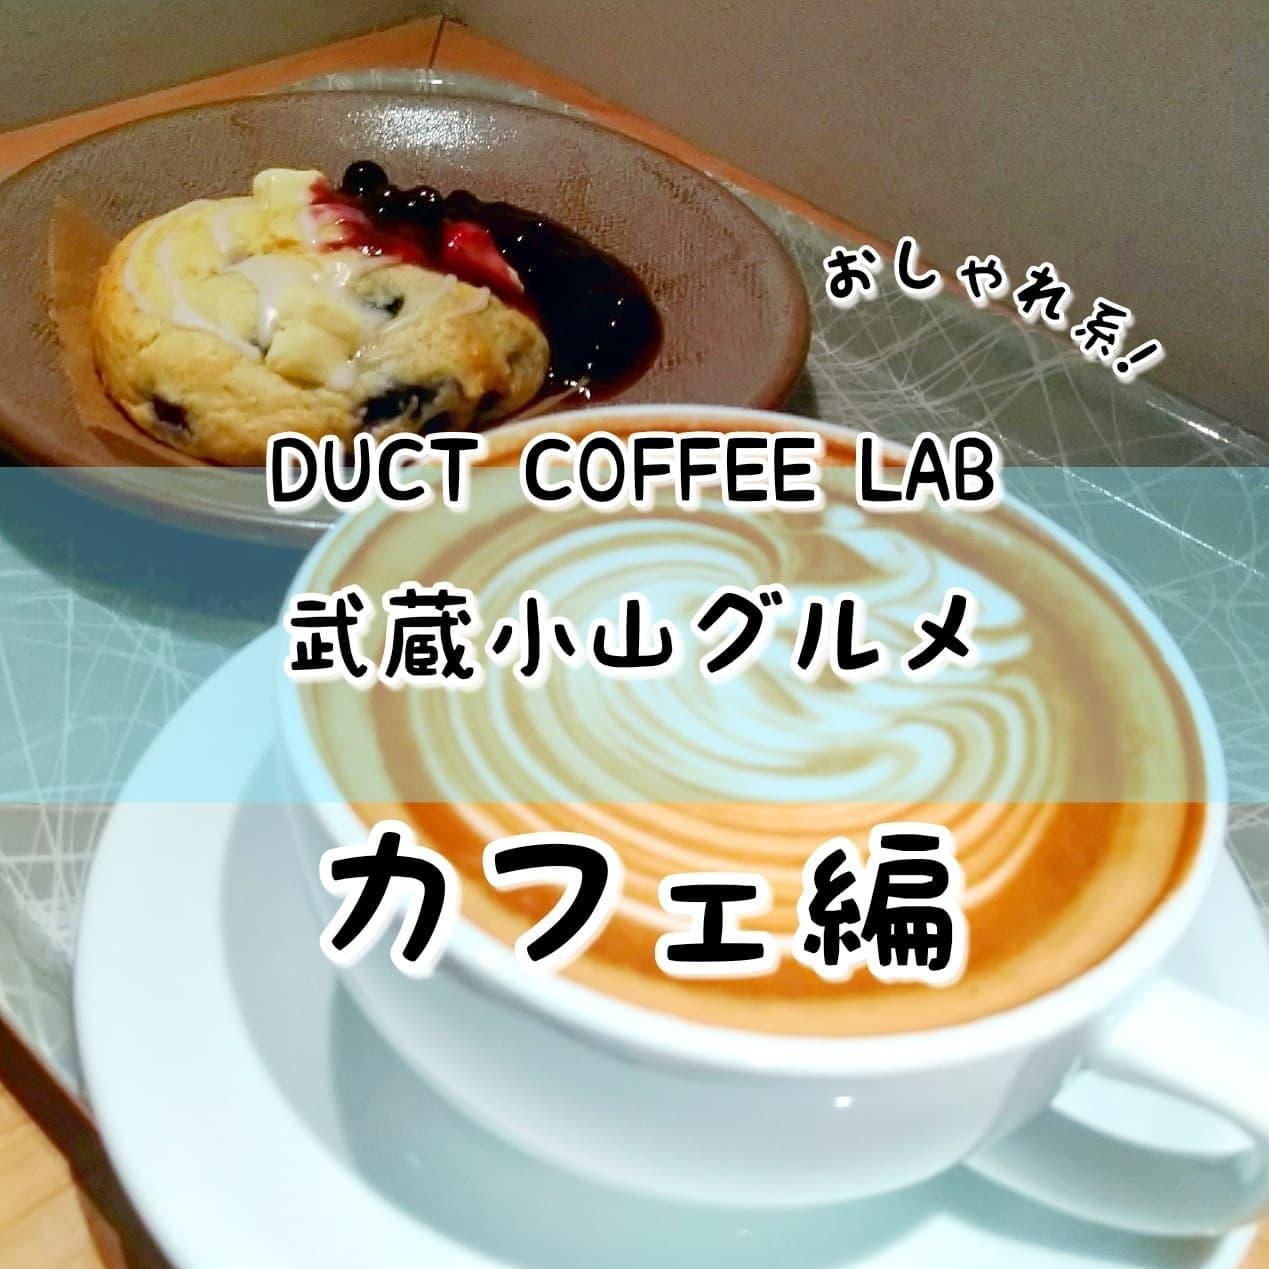 #武蔵小山グルメ情報 #ductcoffeelab #カフェラテ ラボ的なシンプルデザインのお洒落な店内のカフェ!カフェラテが大盛りサイズでいいね!おもいで度--☆-- #侍猫度マイルド系--☆--スパイシー系あっさり系--☆--コッテリ系シンプル系--☆--ゴロゴロ系オールド系--☆--ニュー系基本的にビター系な味で後からほんのり酸味がくるタイプのコーヒーですな。酸味系が苦手でも全然許せるね。今回頼んだ謎のパフィンとかいうでかいクッキーみたいなやつは、ふんわり&しっとり系ホットケーキみたいな感じでしたぞ!画像のはブルーベリー&クリームチーズ味のやつですな。先日9月6日にオープンしたばっかりのお店へ行ってきました。外見からわかるくらい商店街になかったお洒落最前線タイプのコーヒー屋さんでございます。ハンドドリップが売りみたいだったのですが、今回はカフェラテにしちゃいましたな。店内はカウンター席が多くて、コンセントもあるのでノーパソ仕事もいいかもね。カフェラテ大盛りサイズだから長持ちしそうだし。場所は、駅から商店街を中原街道方面に進んで真ん中らへんでございますな。ブックオフの近くだね。 もっと武蔵小山のお店を探す時はメインサイトが見やすいですぞ!プロフィール画面に記載のURLからGO!→@musashikoyama.news ※本店だと地図が見やすくなっとります。画像やら記事もちょいとだけ違う感じになっとりますよ!【武蔵小山情報募集】おすすめのお店やらメニューがございましたら侍猫さんの食べに行くリストへ追加しますので、コメントやらメッセージやらでうまいこと教えてくださいな!…きっと行きます。 #武蔵小山 #武蔵小山情報 #武蔵小山ランチ #ランチ #グルメ #武蔵小山商店街 #武蔵小山パルム #武蔵小山商店街パルム #武蔵小山駅 #武蔵小山グルメ #武蔵小山ランチ #武蔵小山ディナー #武蔵小山食事 #武蔵小山モーニング #東京 #東京グルメ #東京 #東京グルメ  #musashikoyama #tokyofood #tokyo